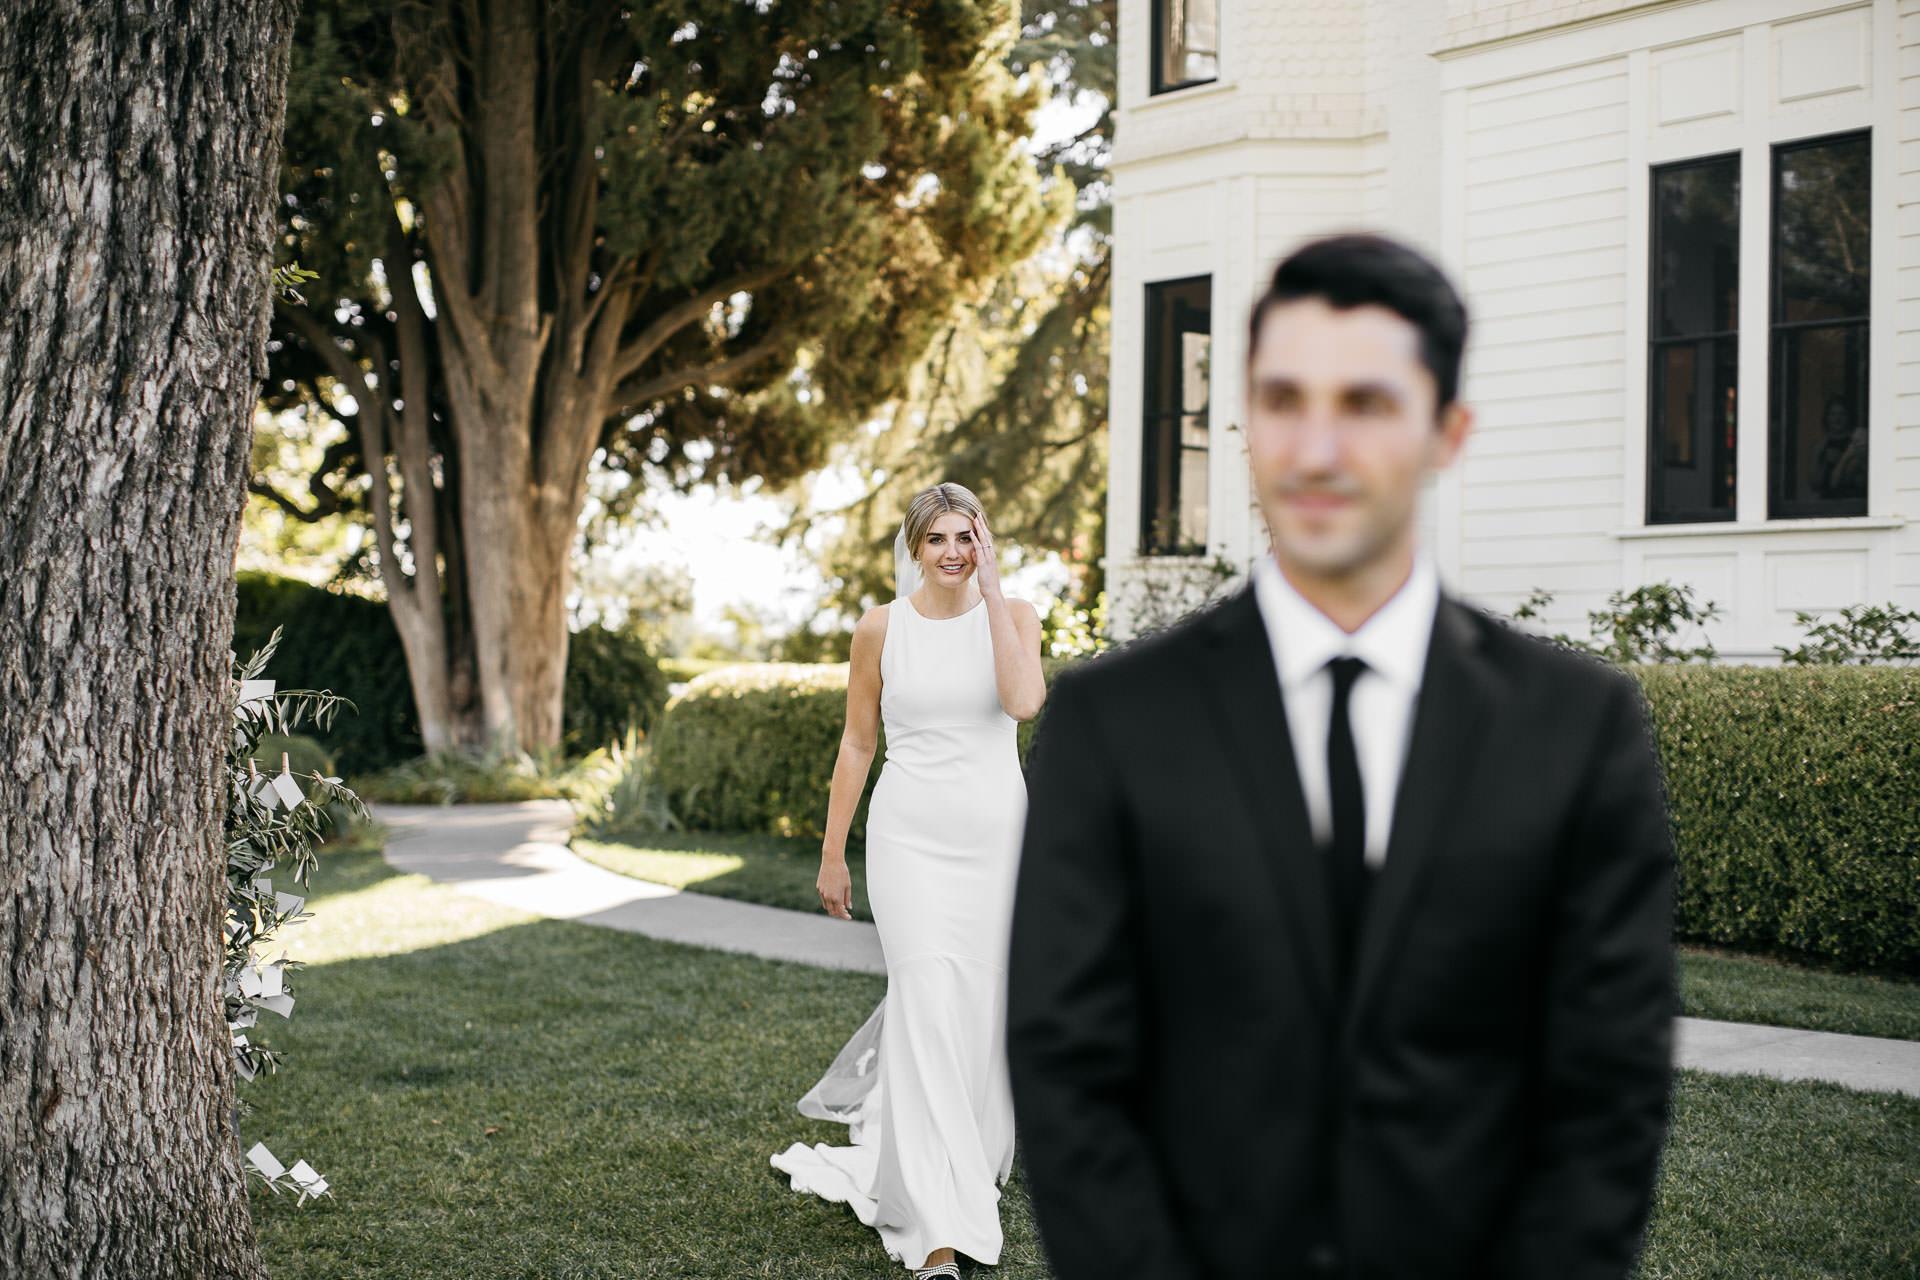 lauren_graham_wedding_california_park_winters_jeanlaurentgaudy_035